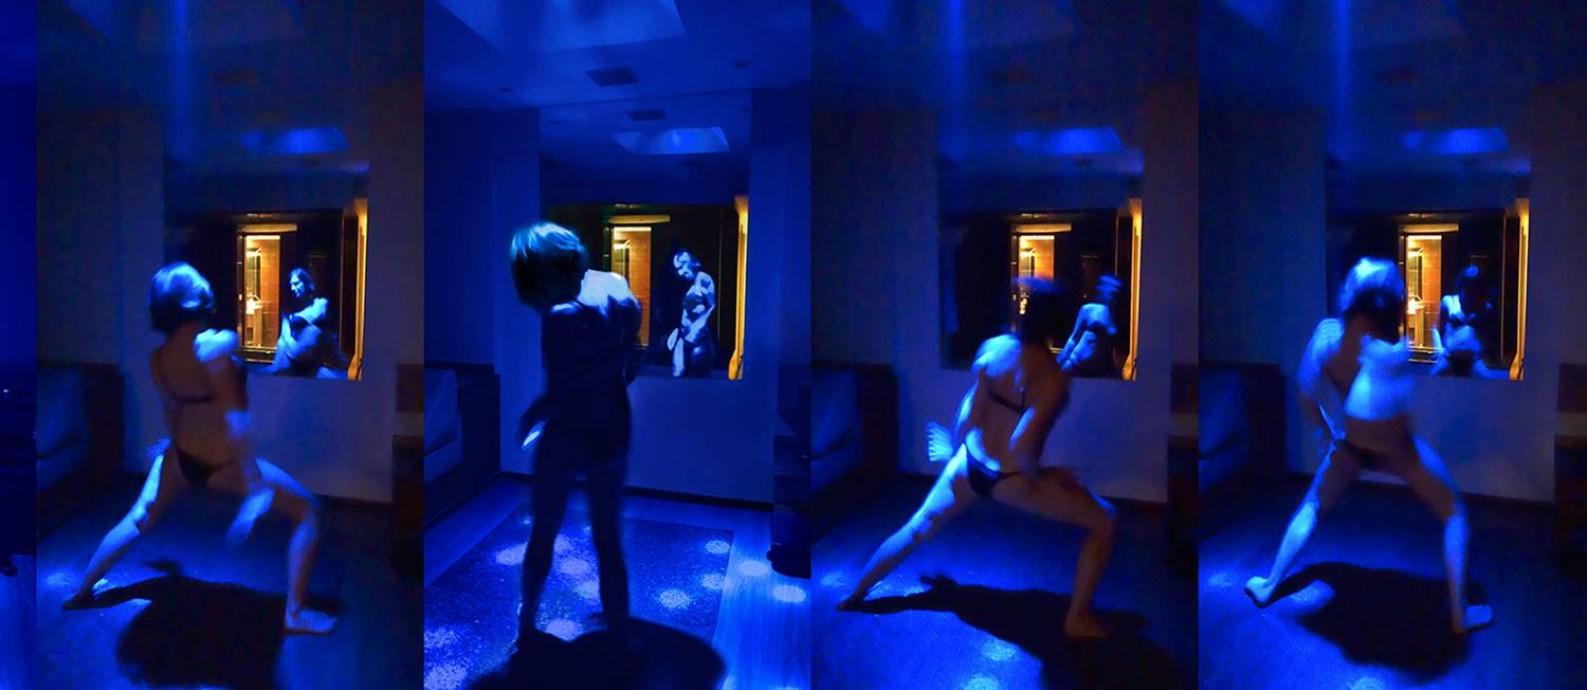 Série 'Blue mirror', de Monica Barki: intimidade fora de casa Foto: Divulgação